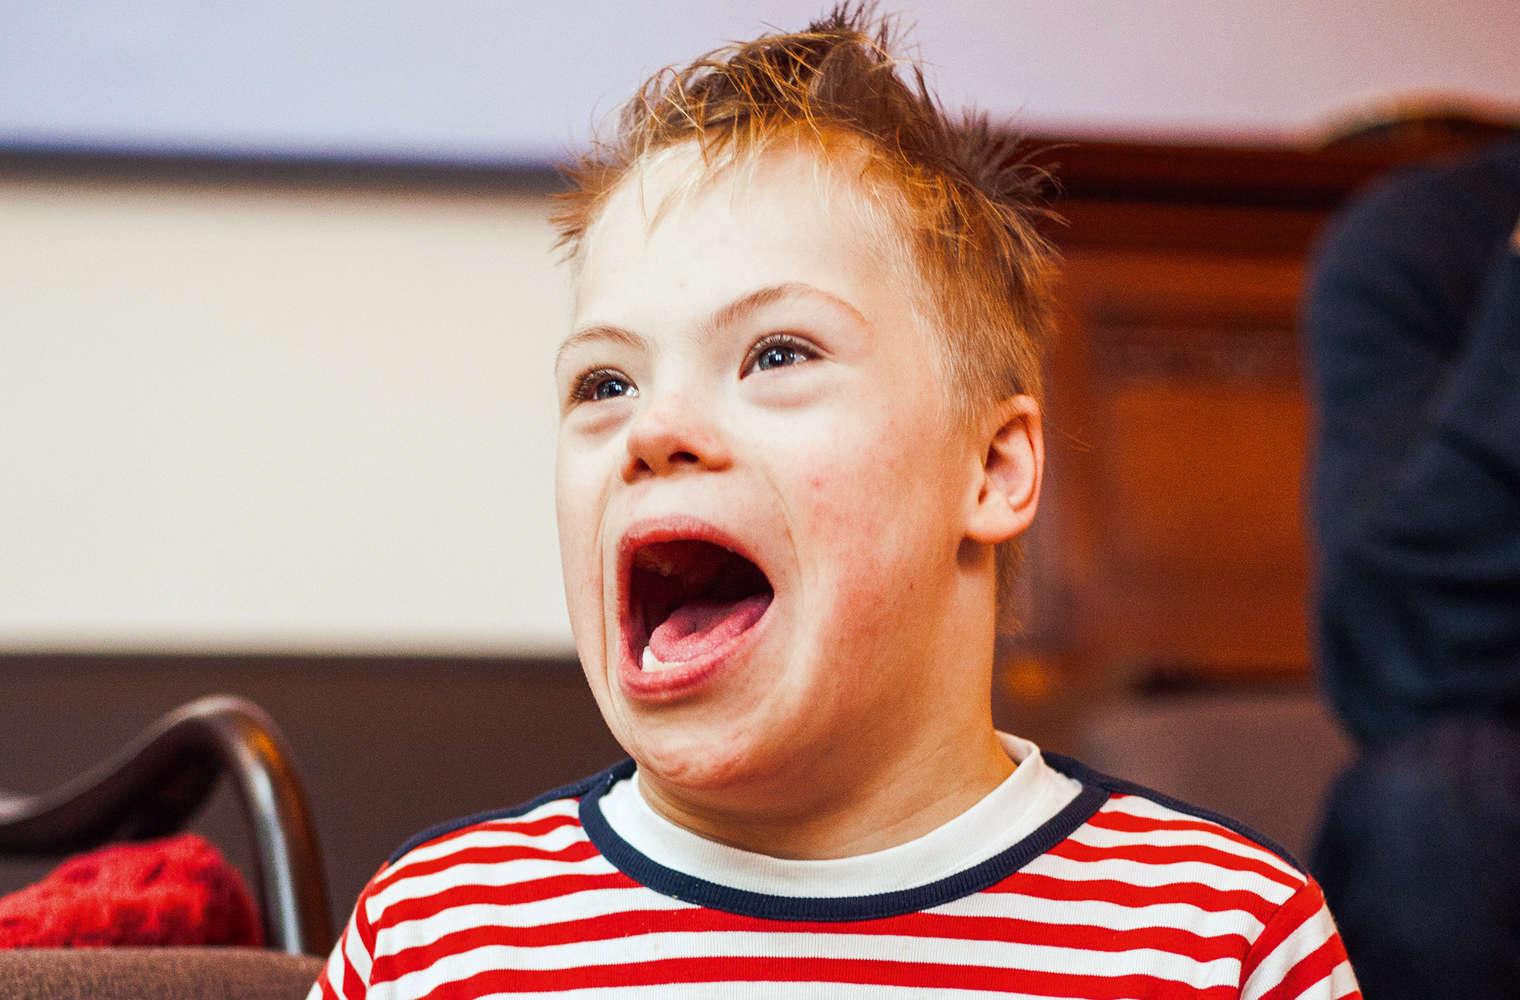 Dem kleinen Sohn Willi ist der Ärger ins Gesicht geschrieben. - Foto: Müller